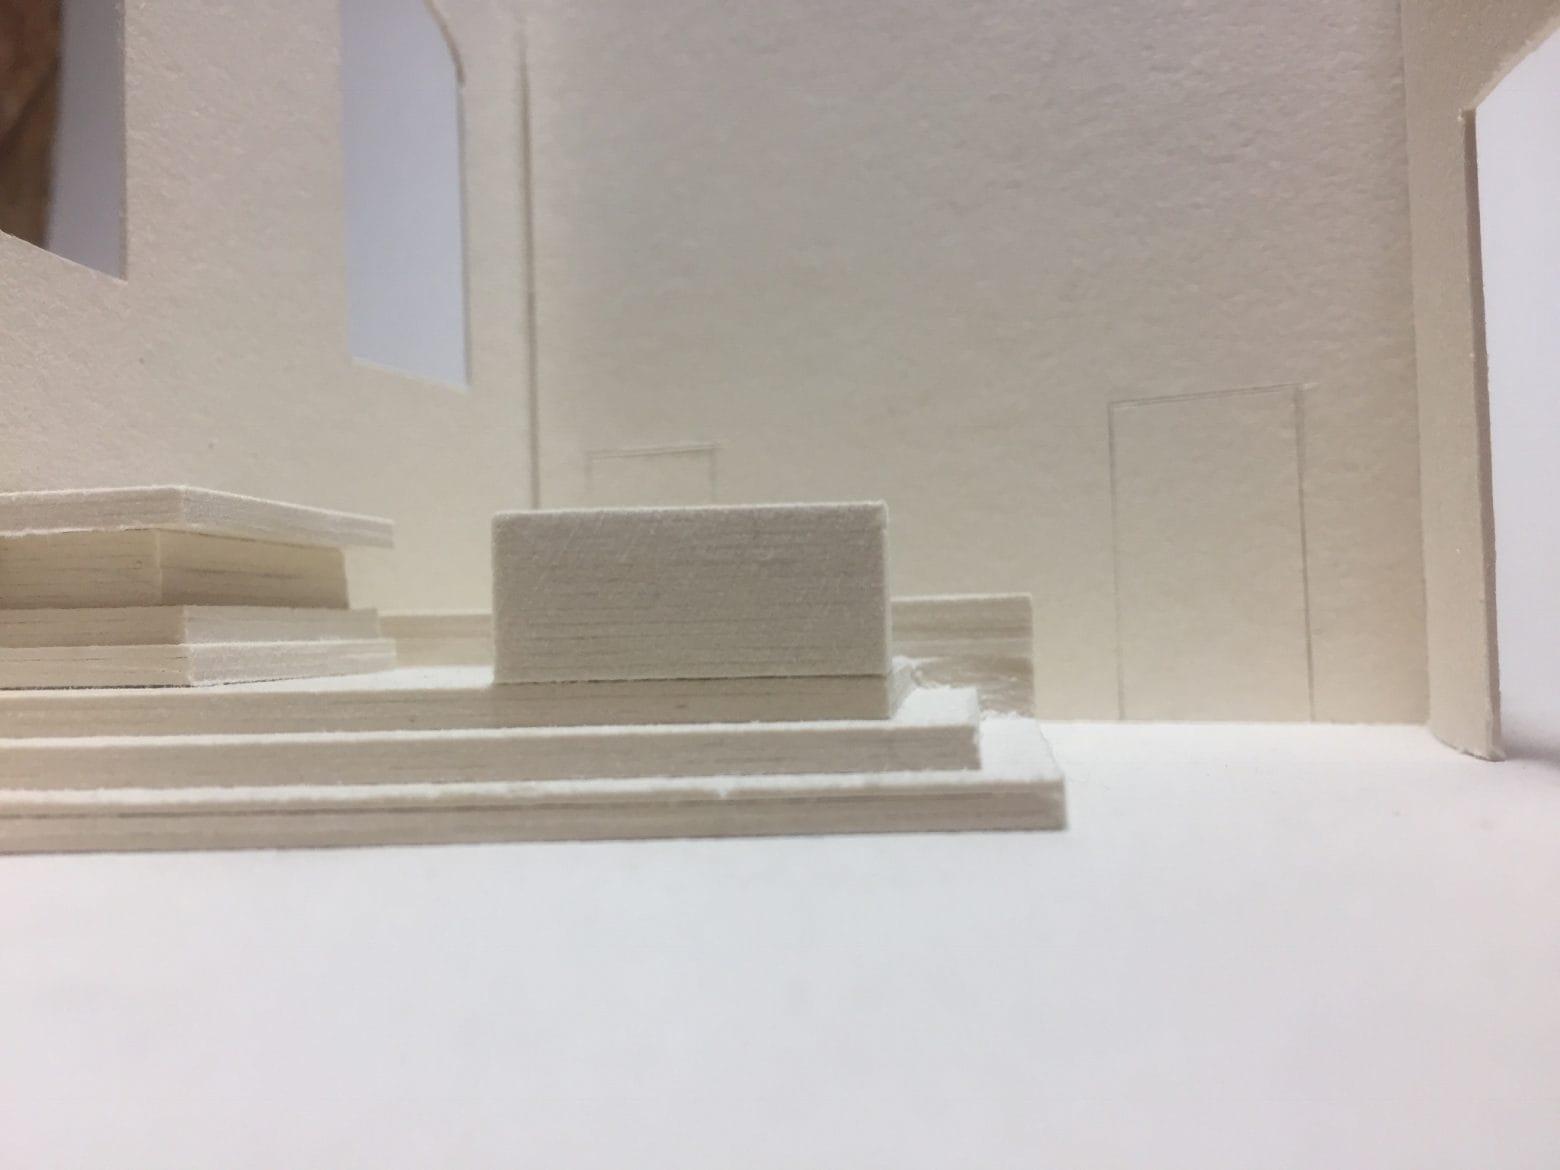 bazilika_szent_jobb_kapolna_modell-4